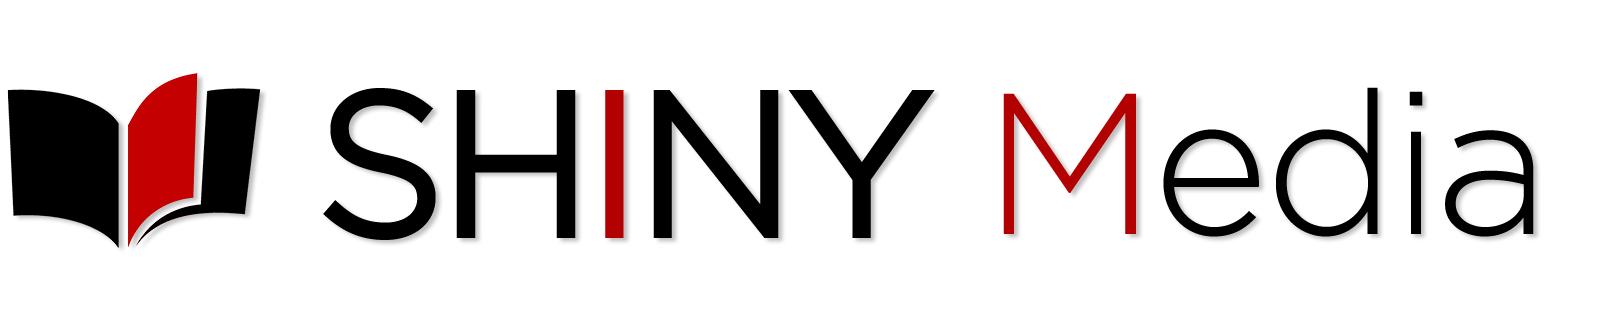 SHINY Media - La Bellezza salverà il Mondo